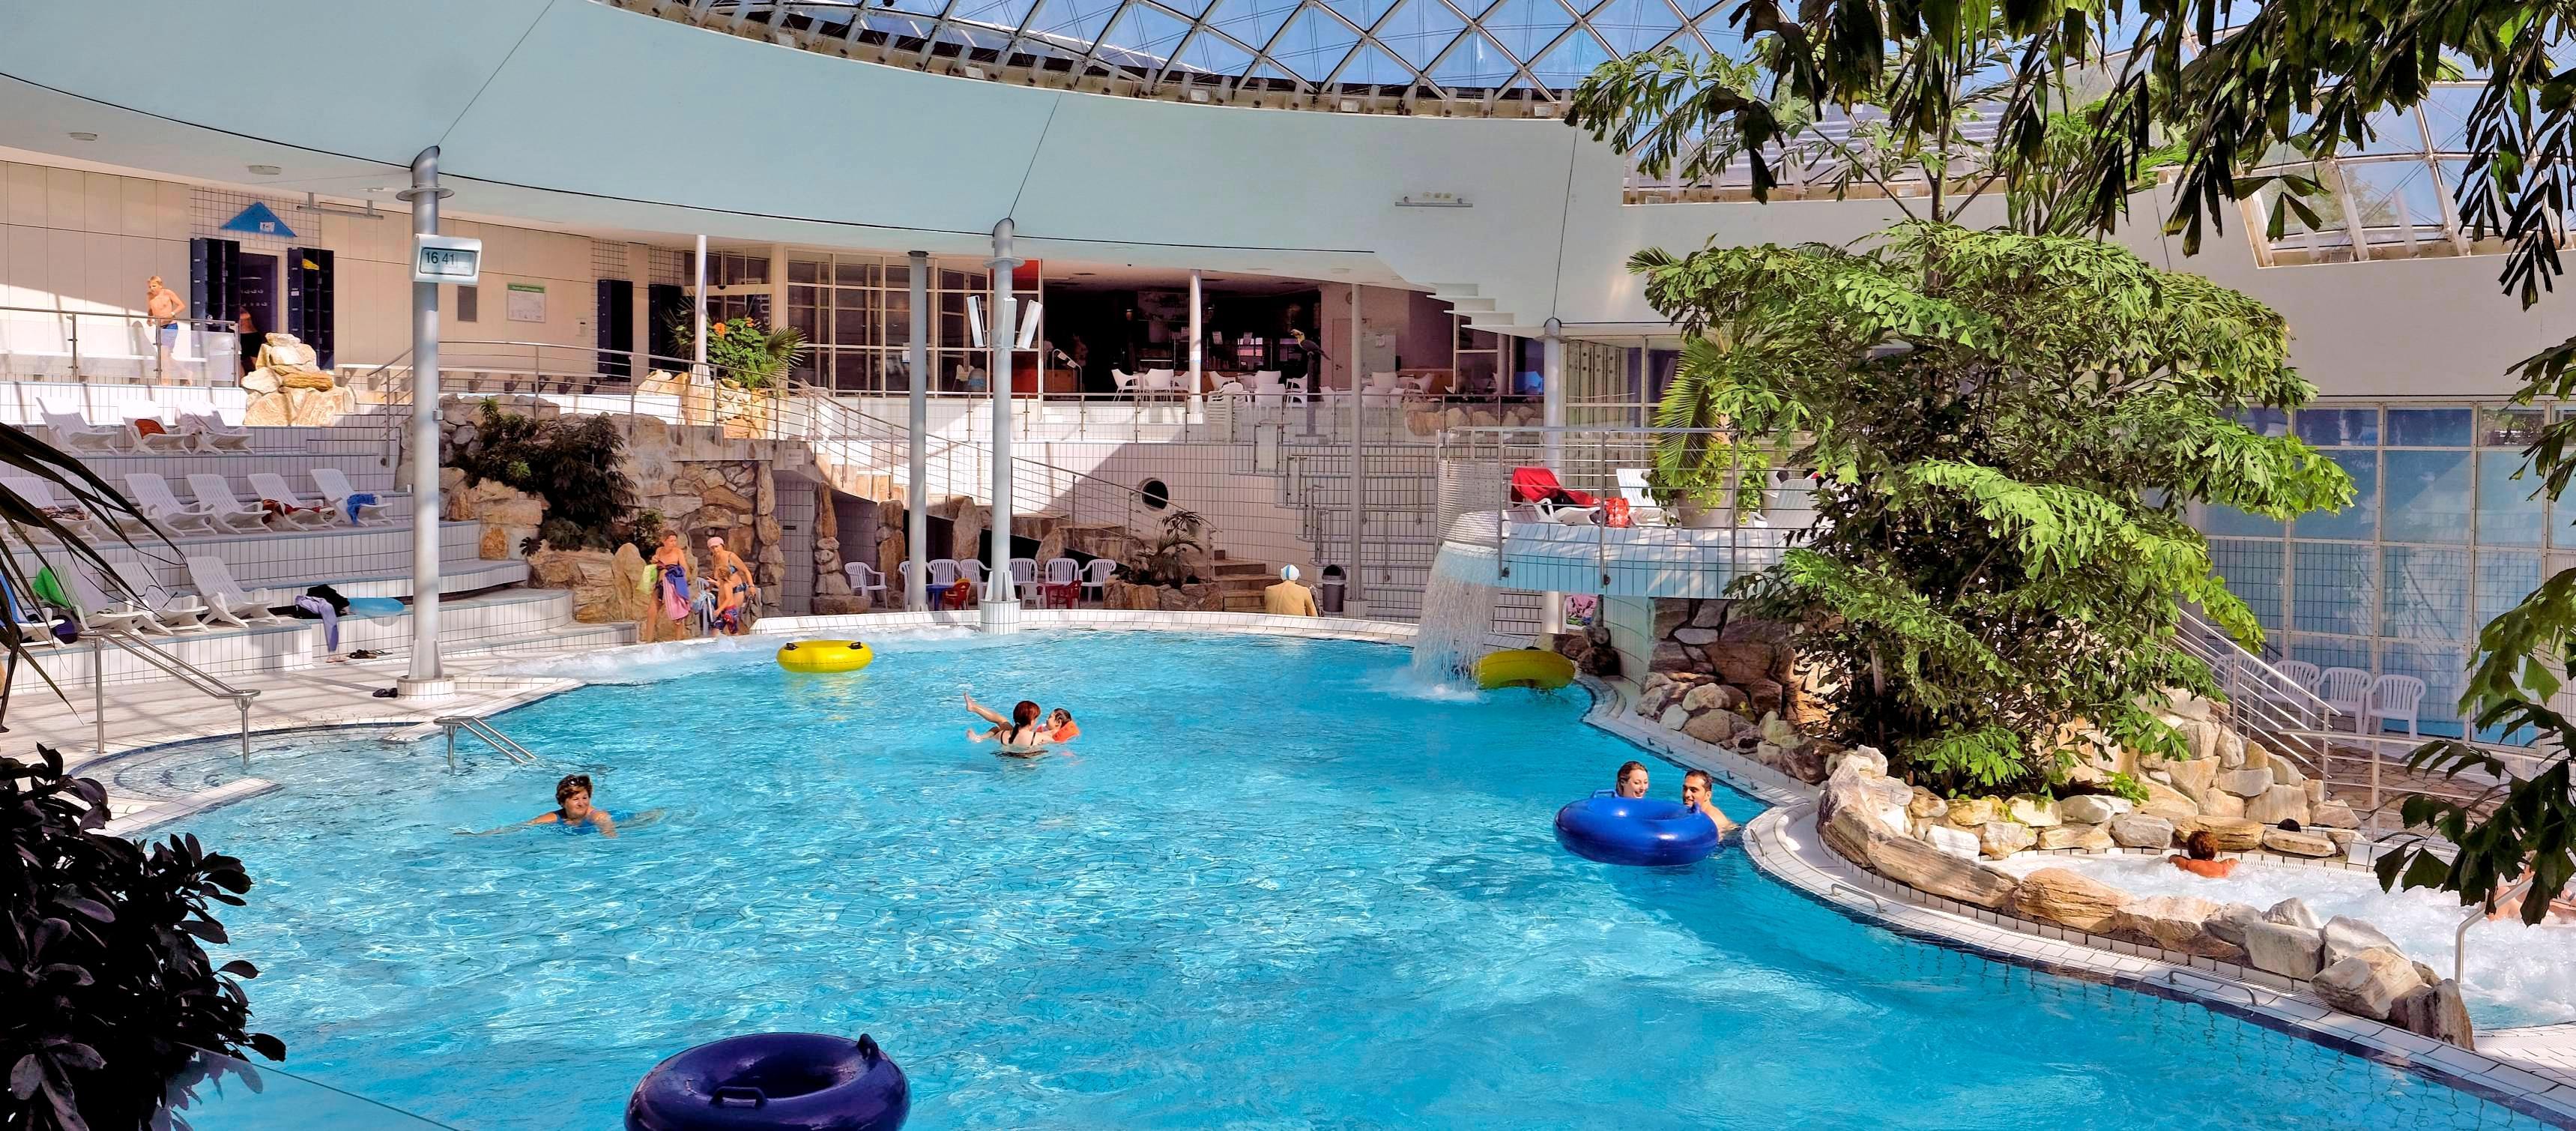 Mittelfristig einer der größten Brocken in Sachen Investitionen ist für die Stadt Neckarsulm die geplante Sanierung des Freizeitbades Aquatoll. Foto: Archiv/Mugler